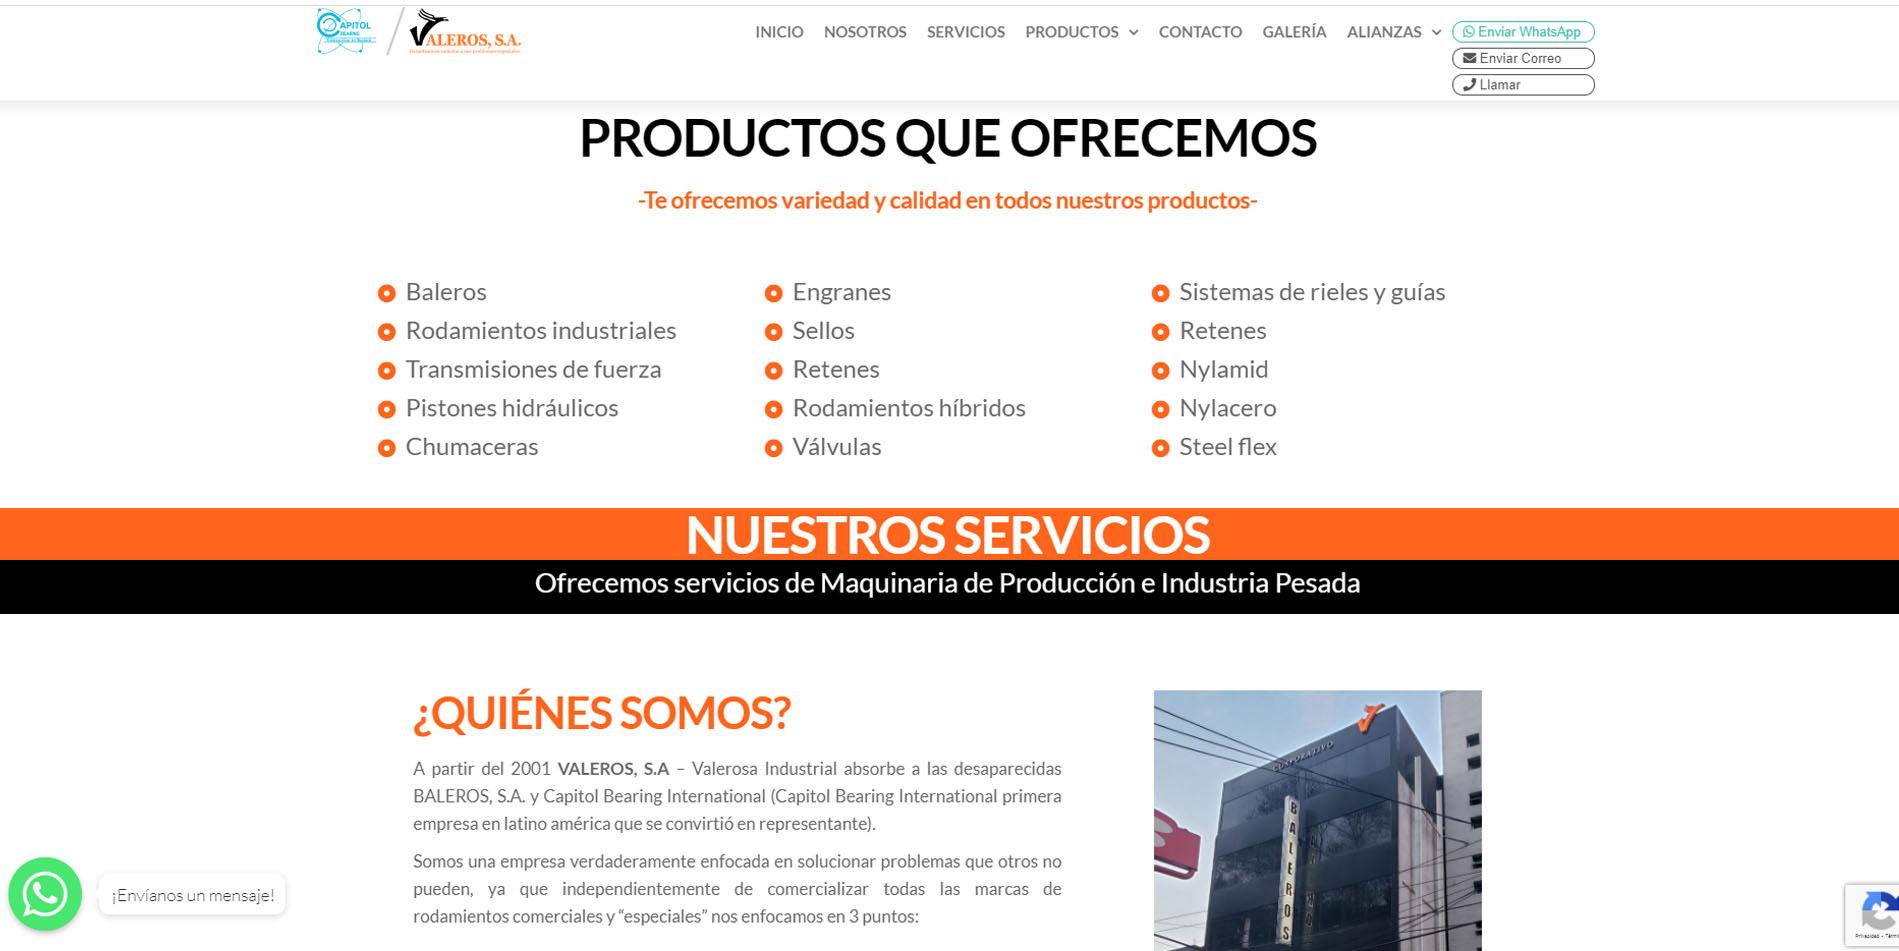 Páginas web en Ciudad de México | 2020